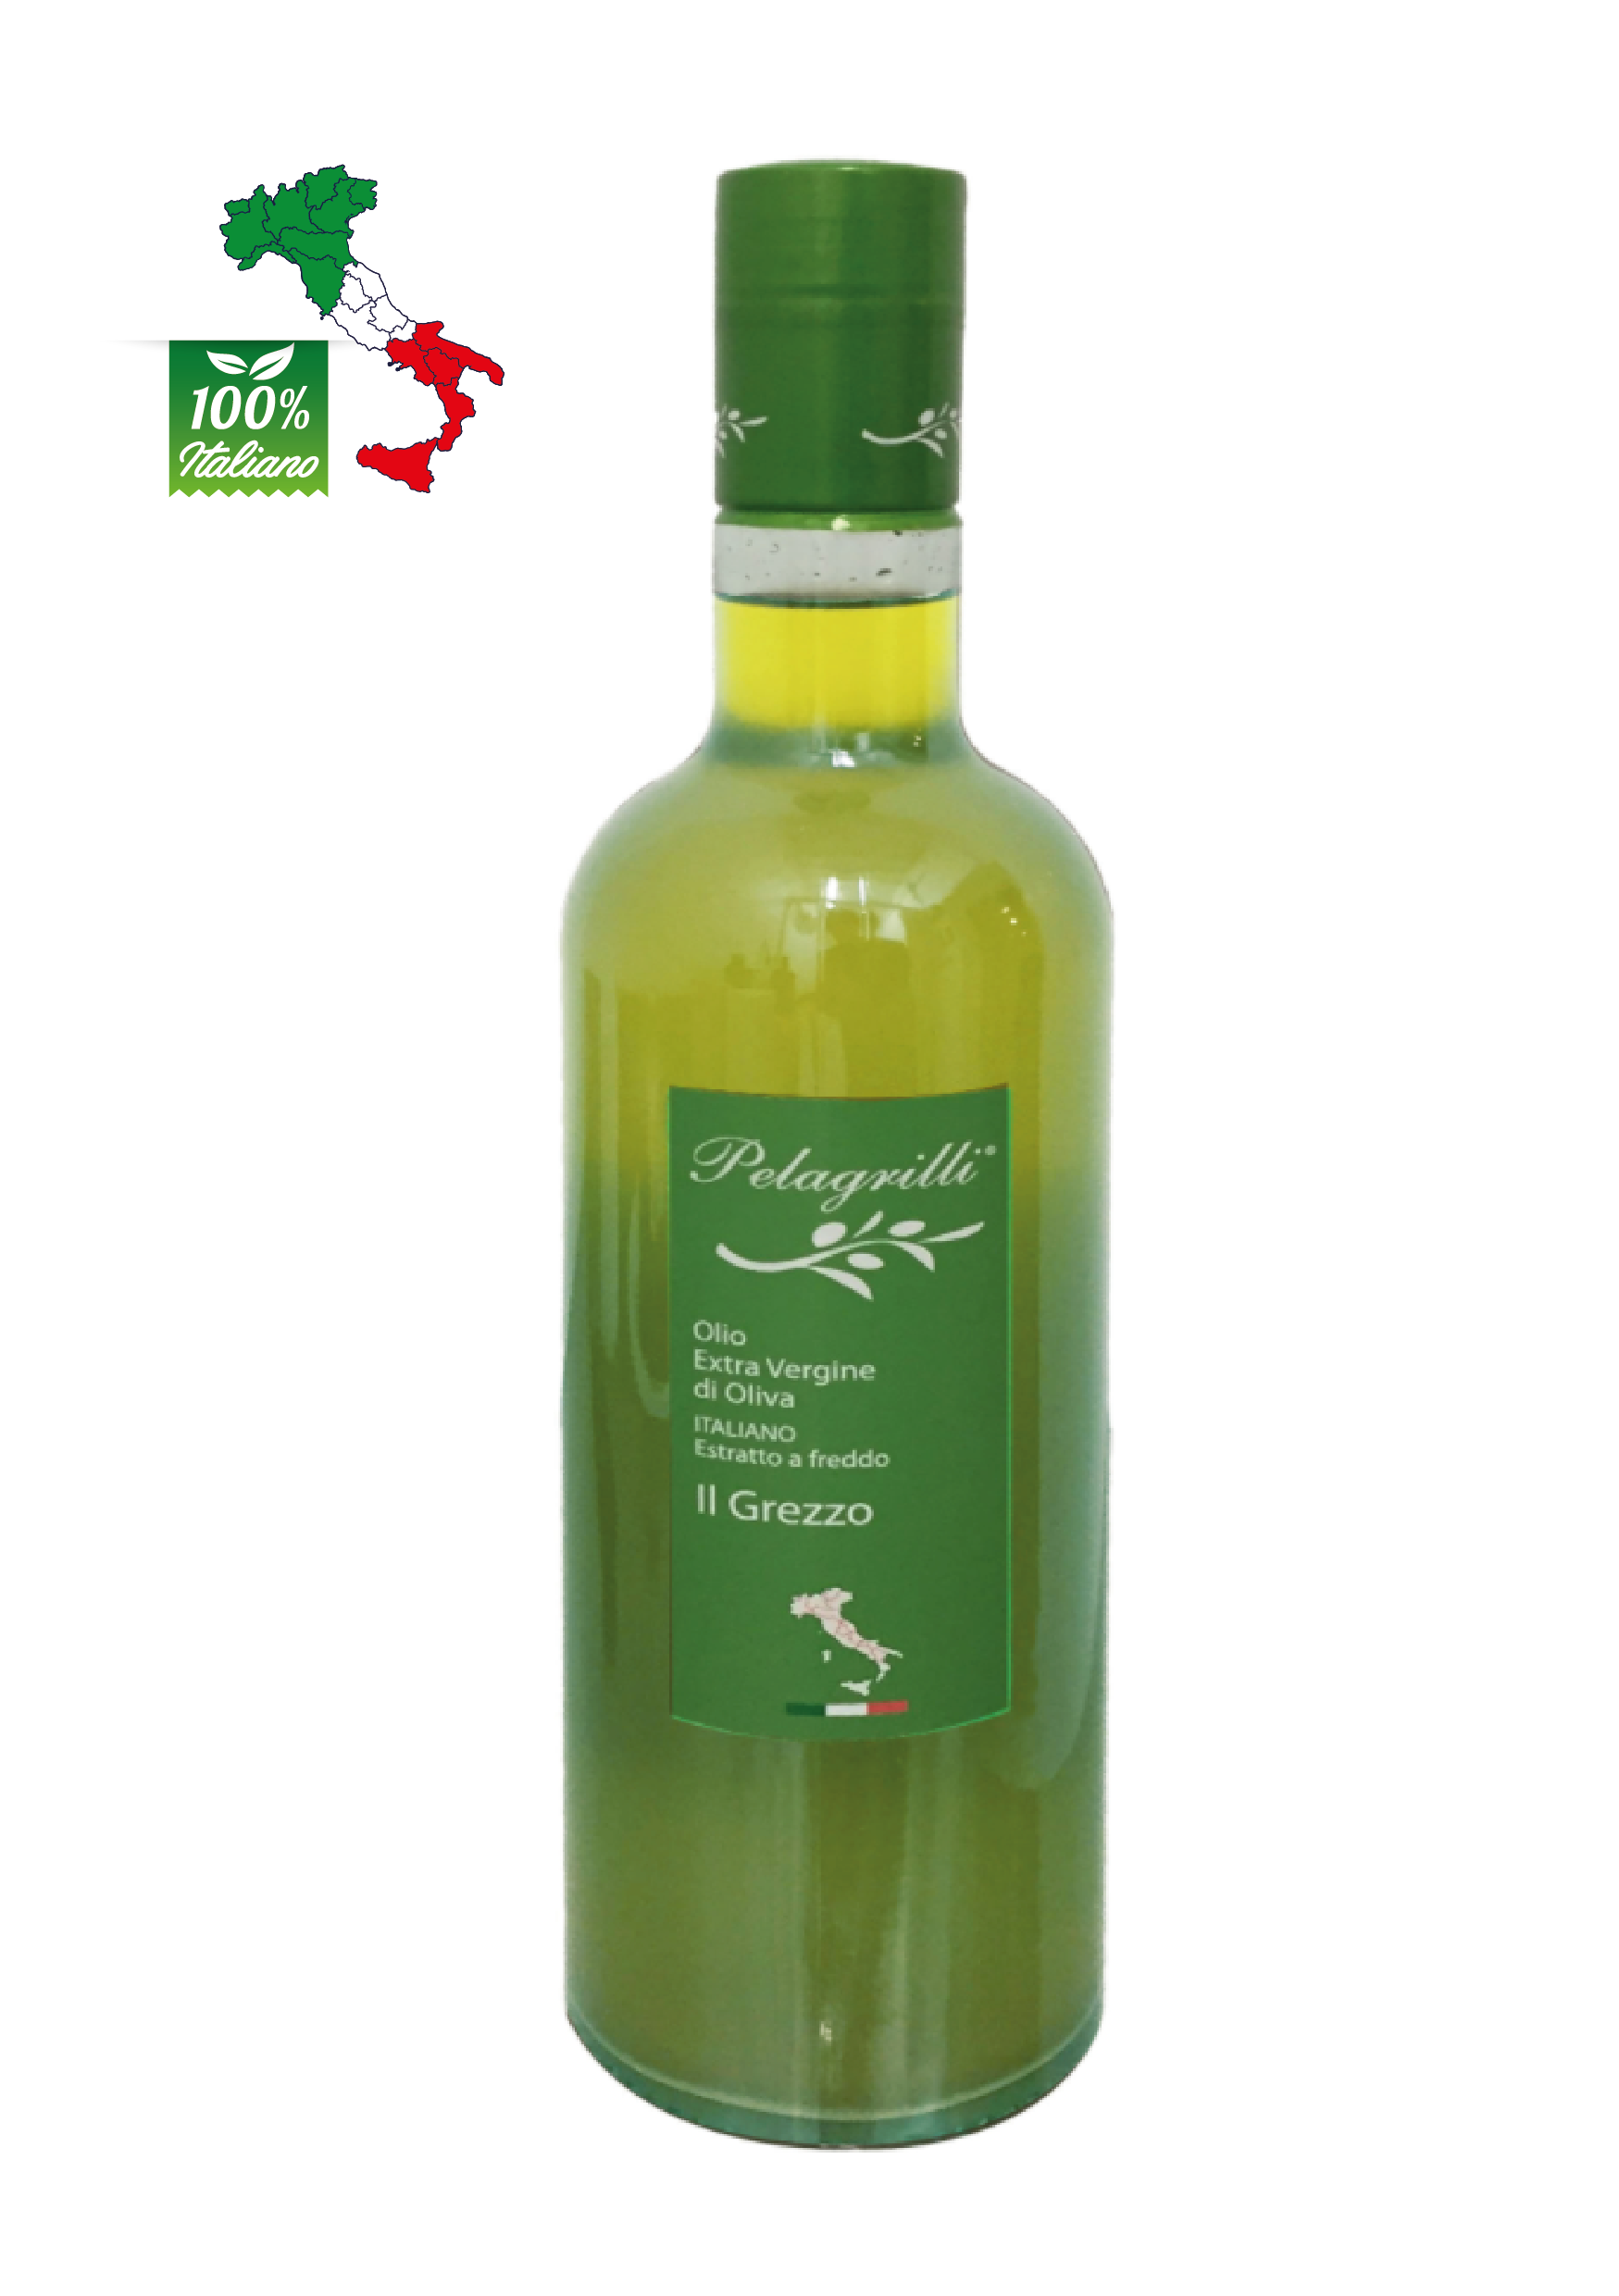 100% ITALIANO LT 0,75  Olio extravergine di oliva- Raccolto 2021-2022- estratto a freddo GREZZO